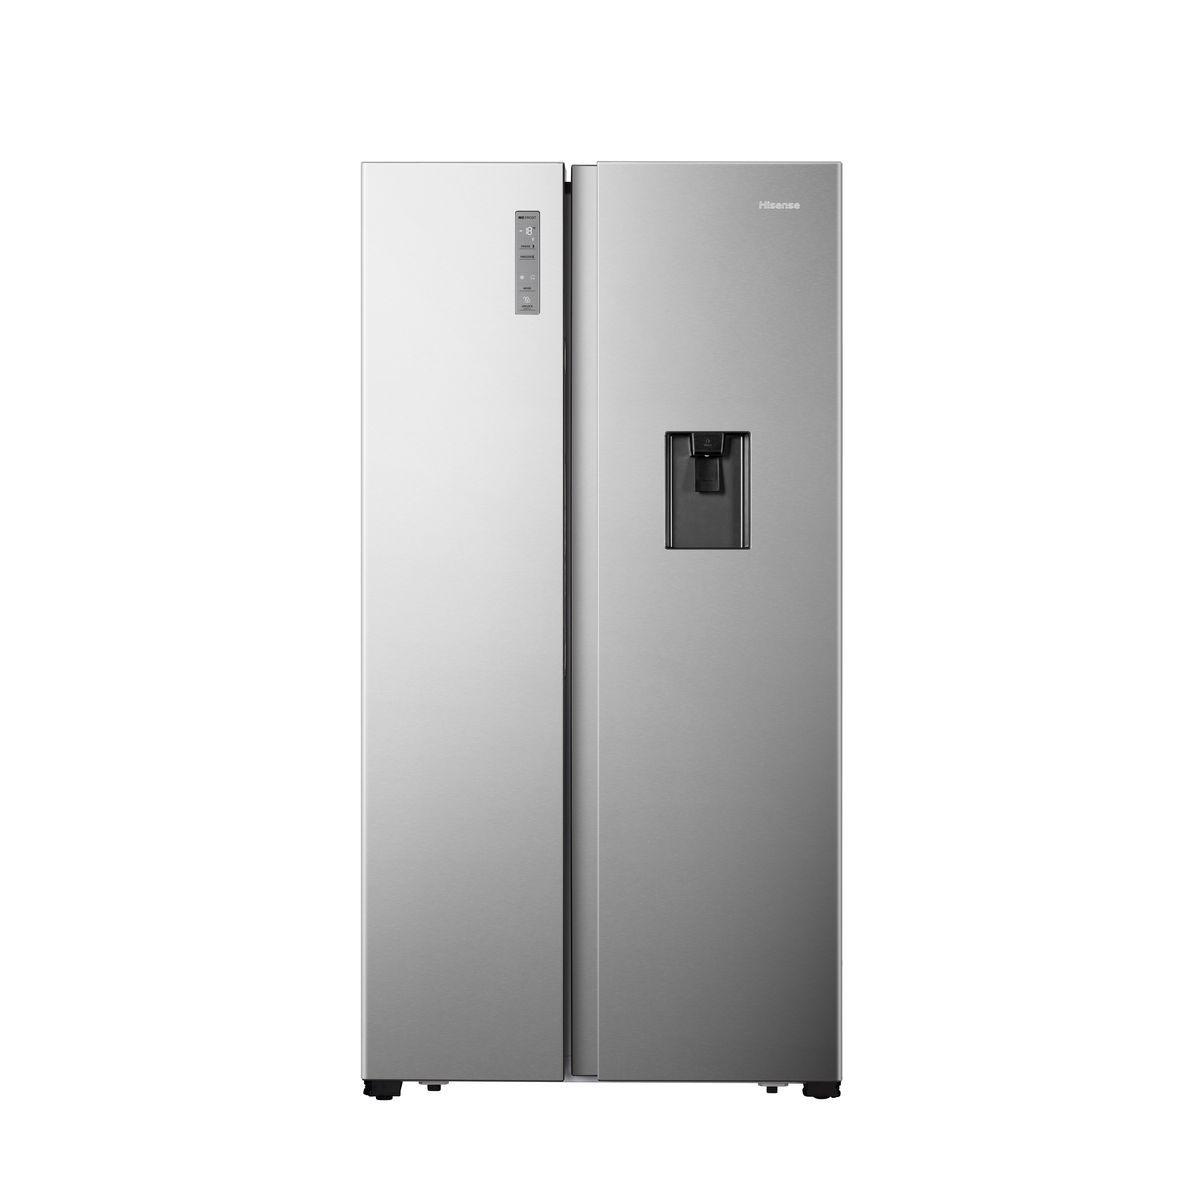 Réfrigérateur américain RS677N4WIF, 519 L, Froid ventilé